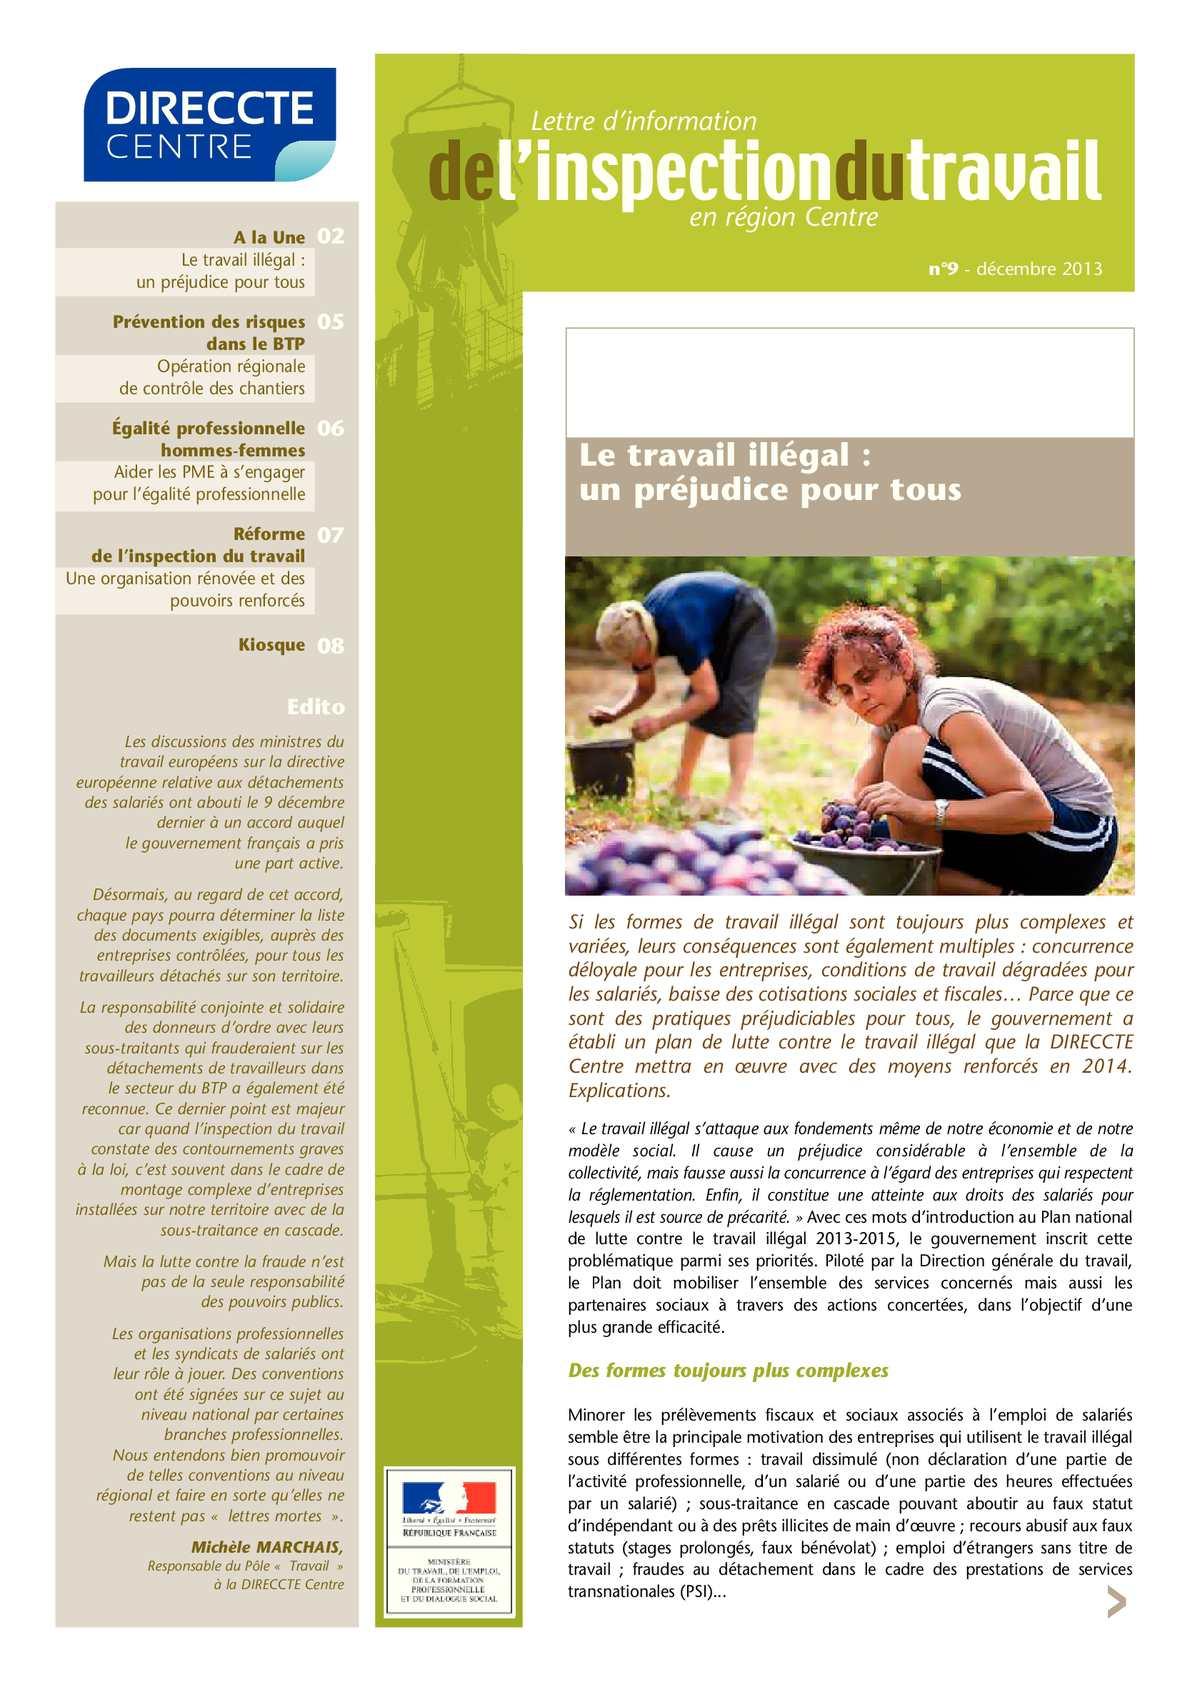 Modele Lettre Inspection Du Travail Document Online